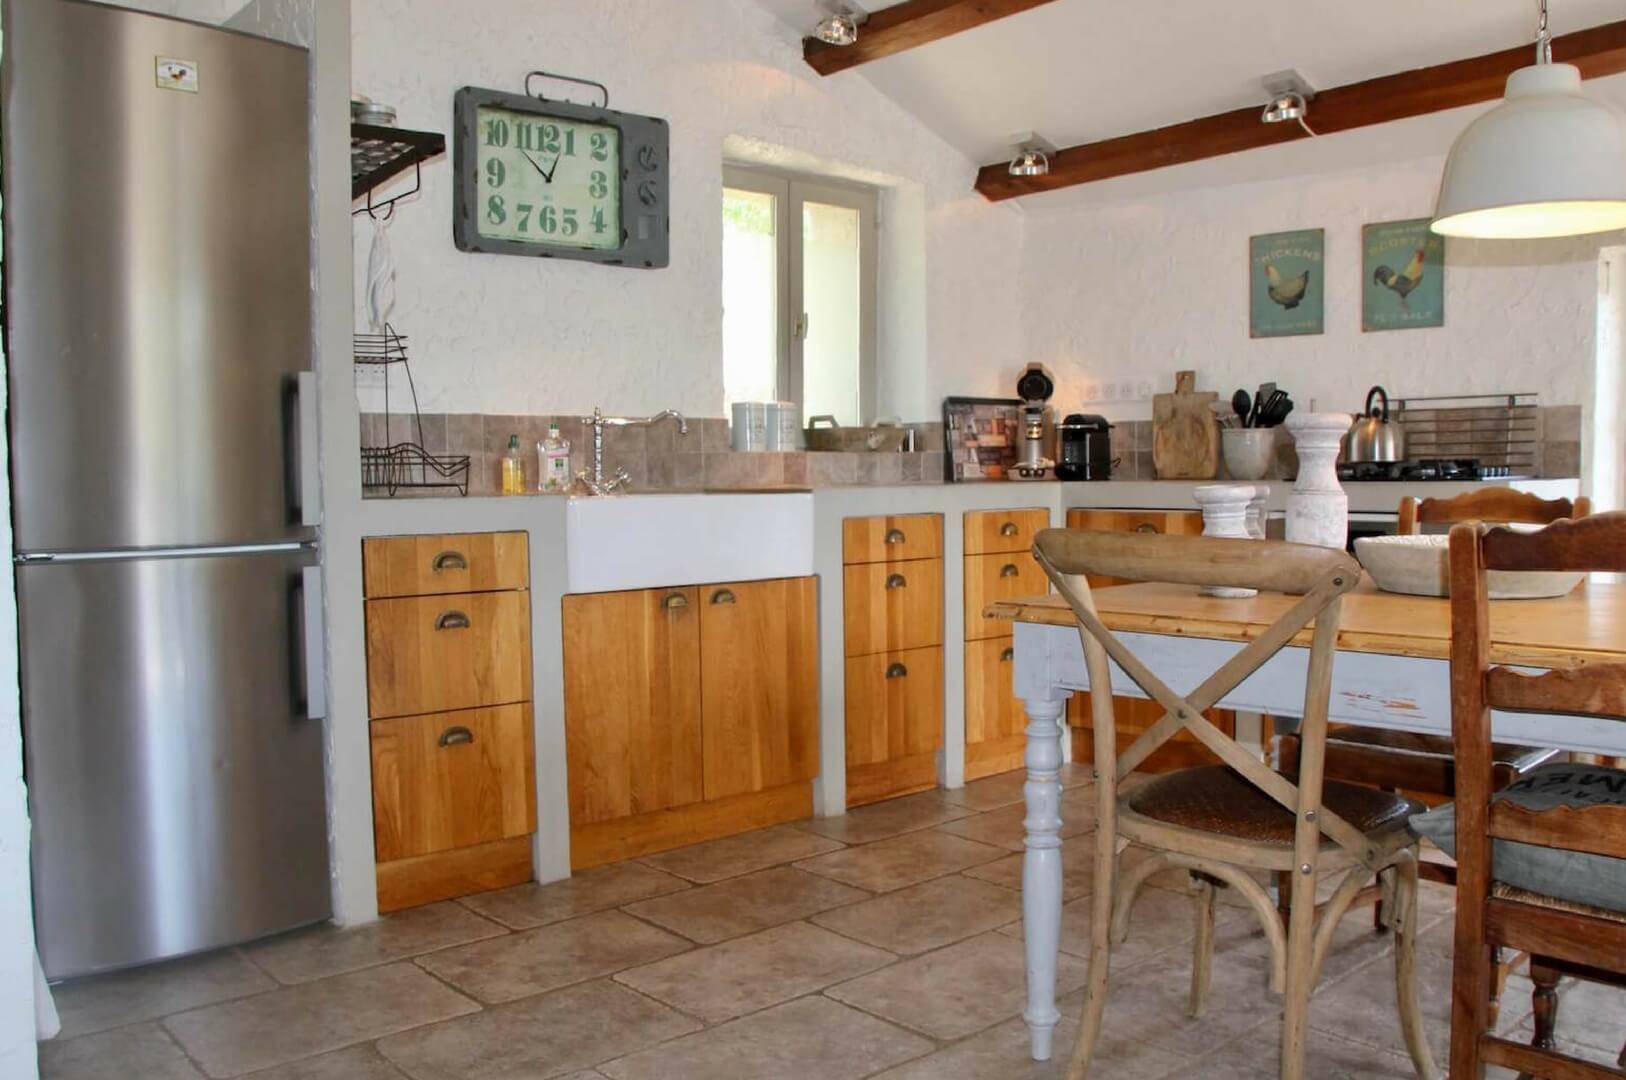 Domaine serre long i een provençaals domein met gastenverblijven